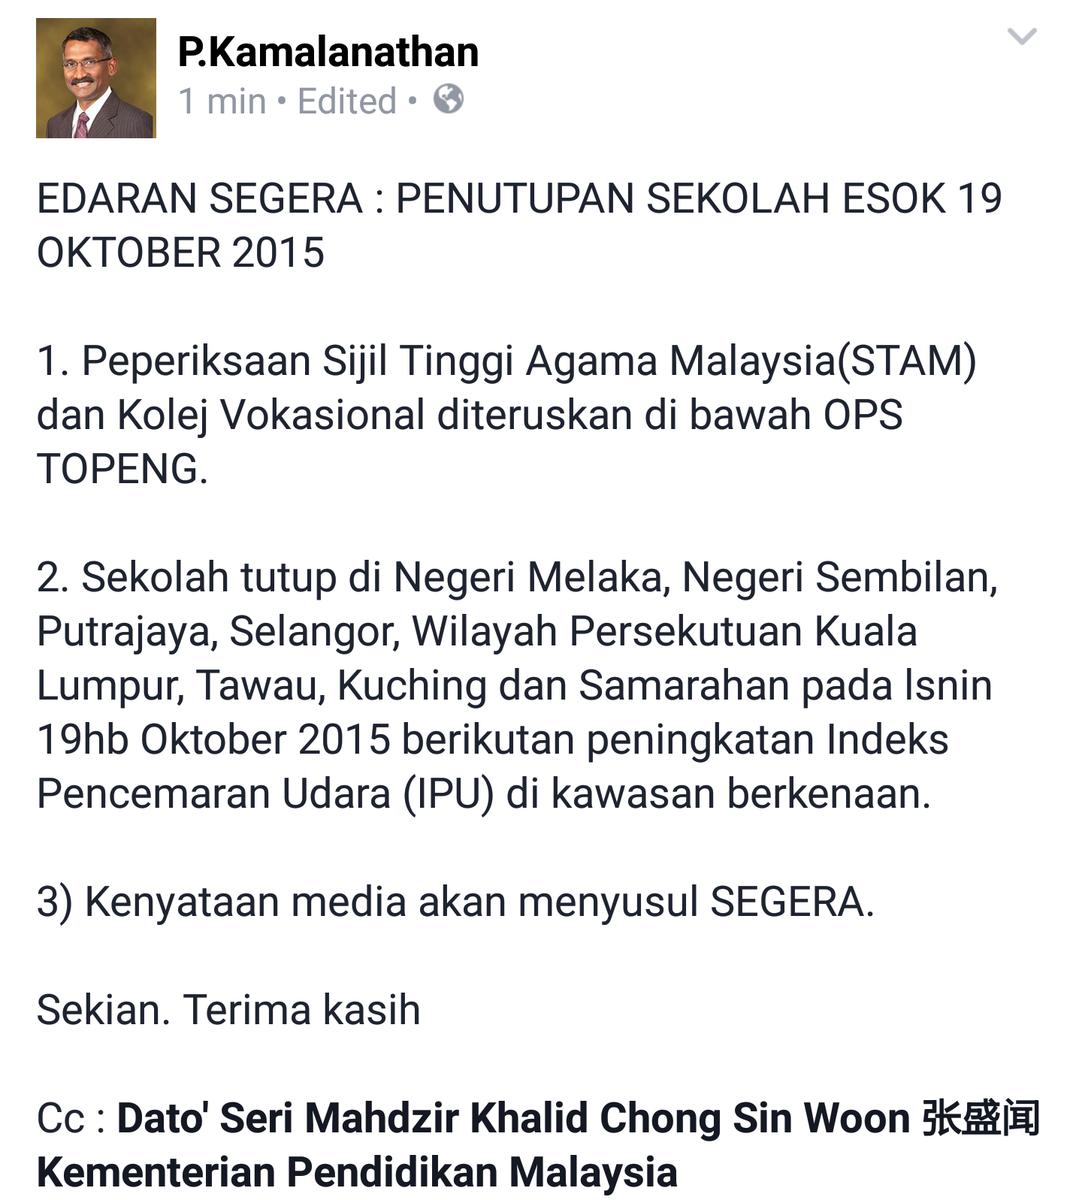 EDARAN SEGERA : PENUTUPAN SEKOLAH ESOK 19 OKTOBER 2015 DS @MahdzirKhalid @chongsinwoon @KemPendidikan http://t.co/1mO2EZrwU2